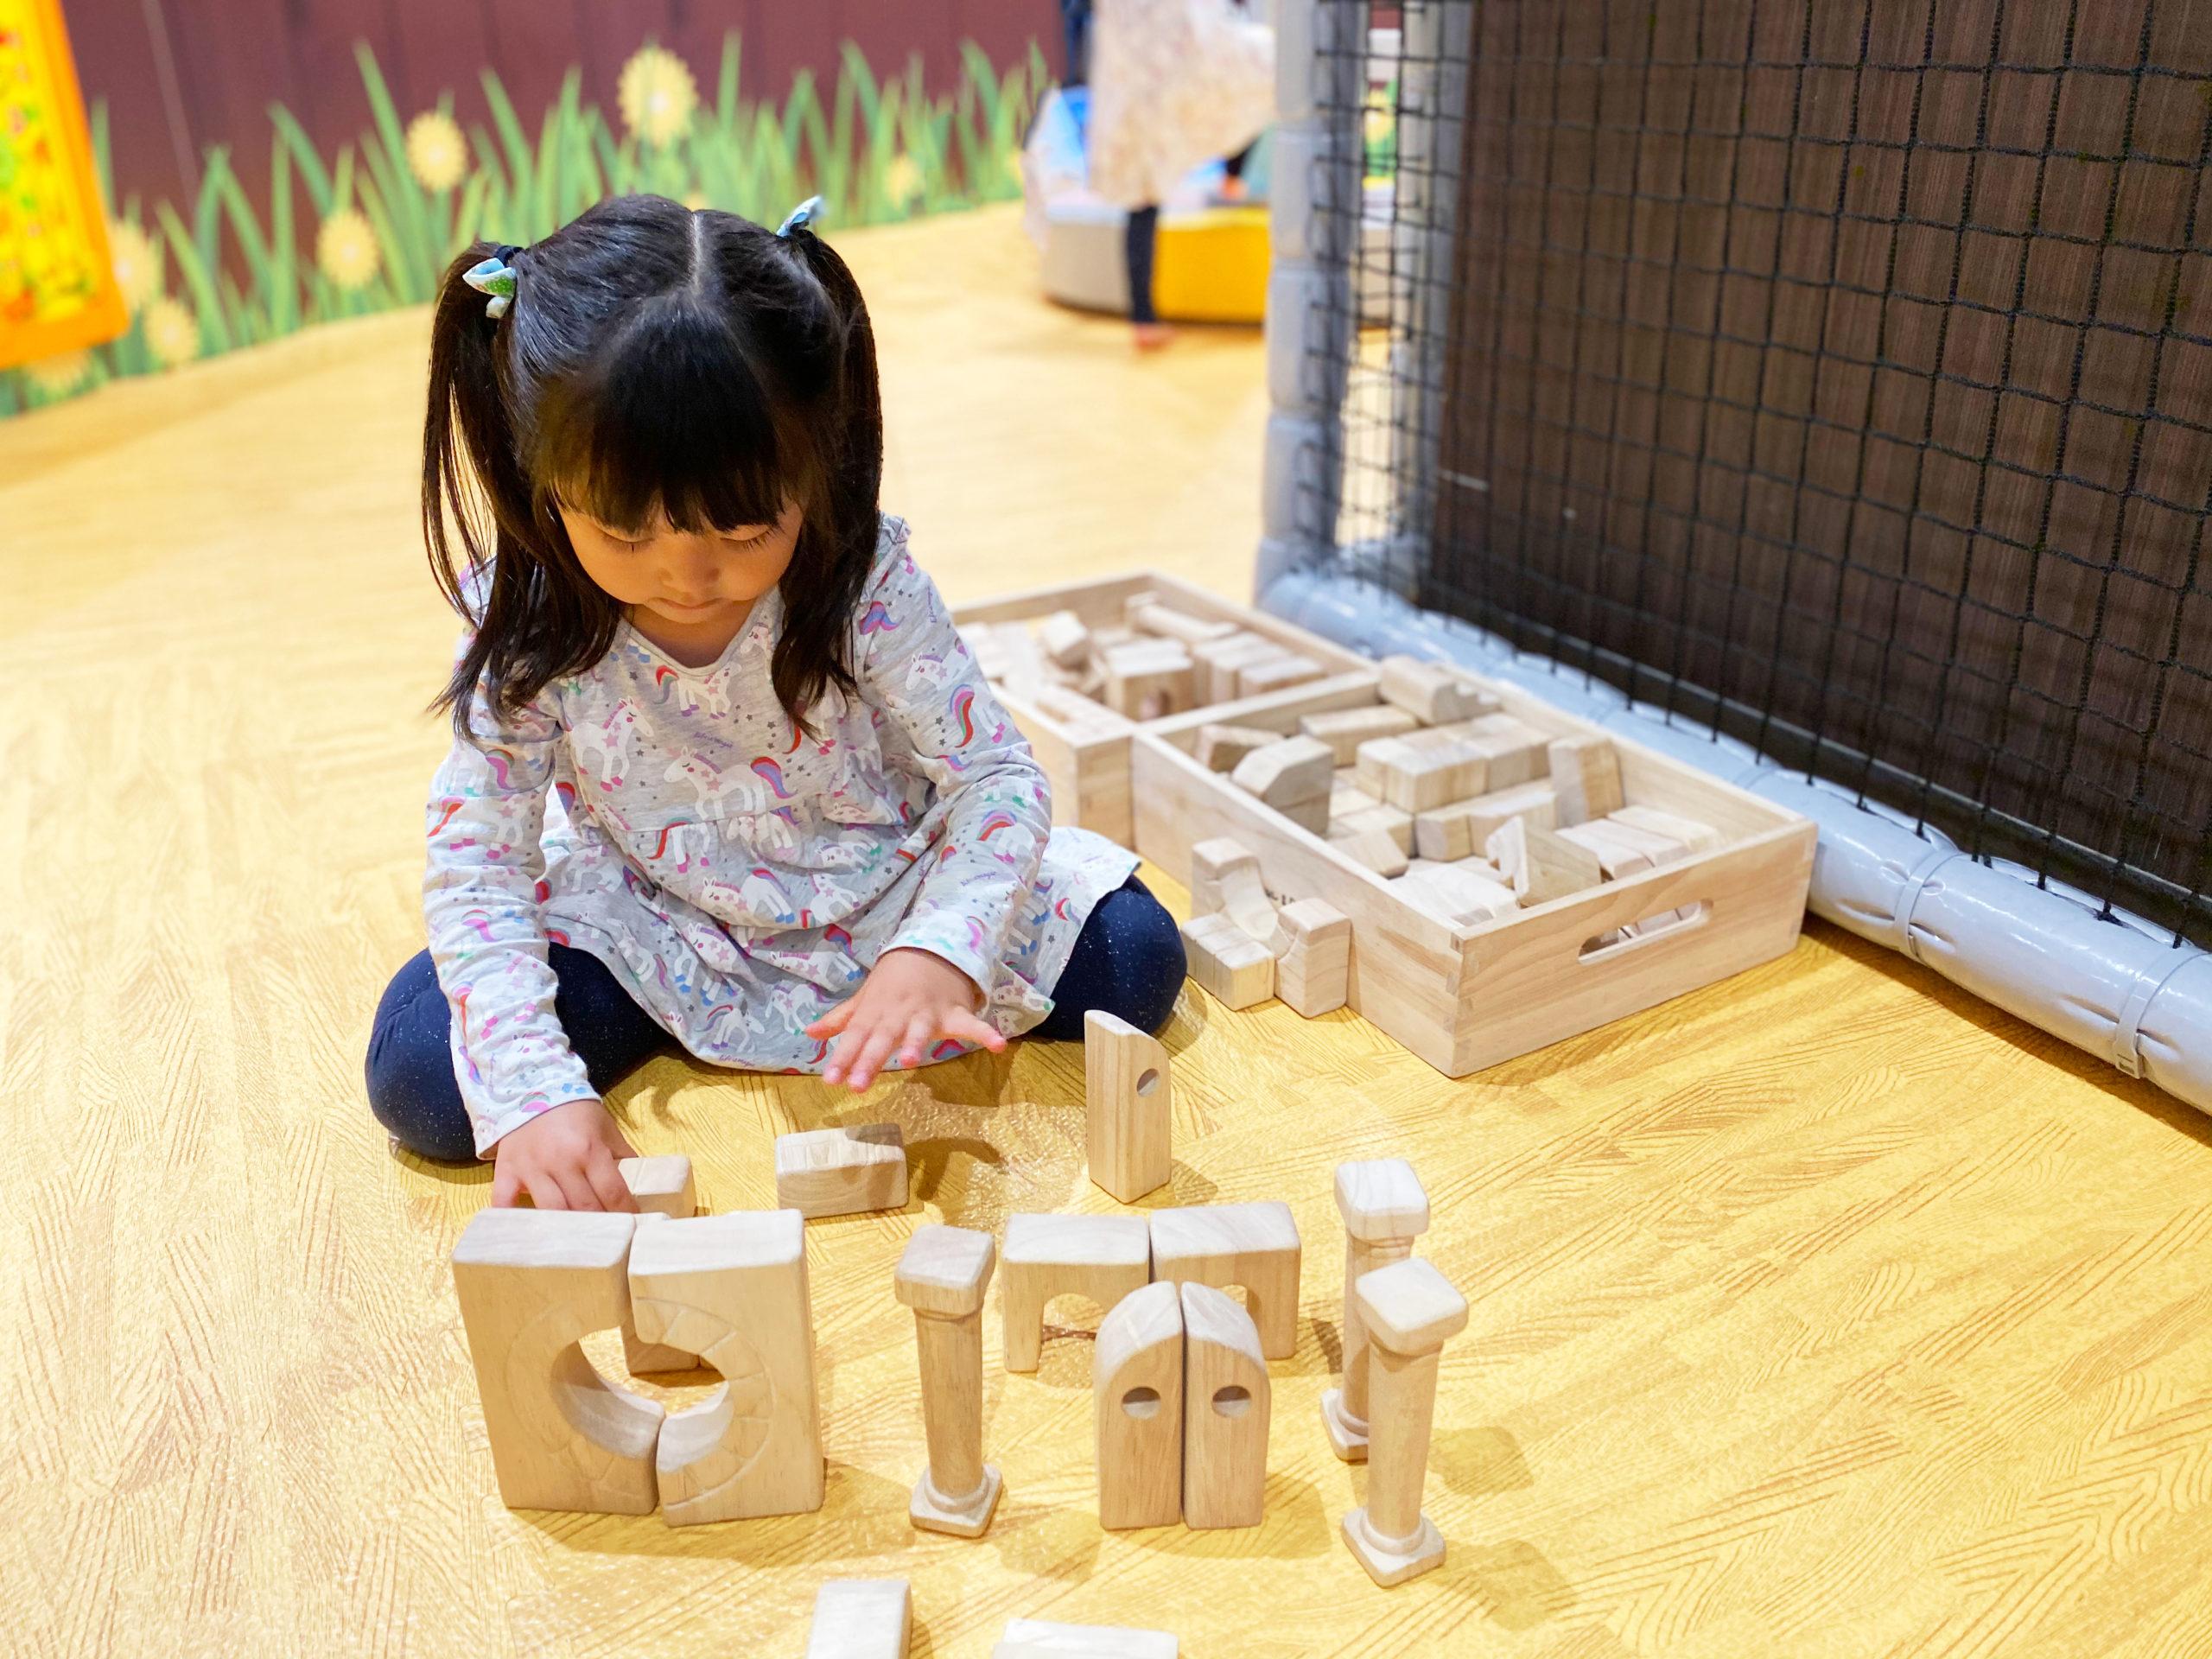 3歳におすすめの知育玩具とは。ランキング形式で人気のおもちゃを紹介!